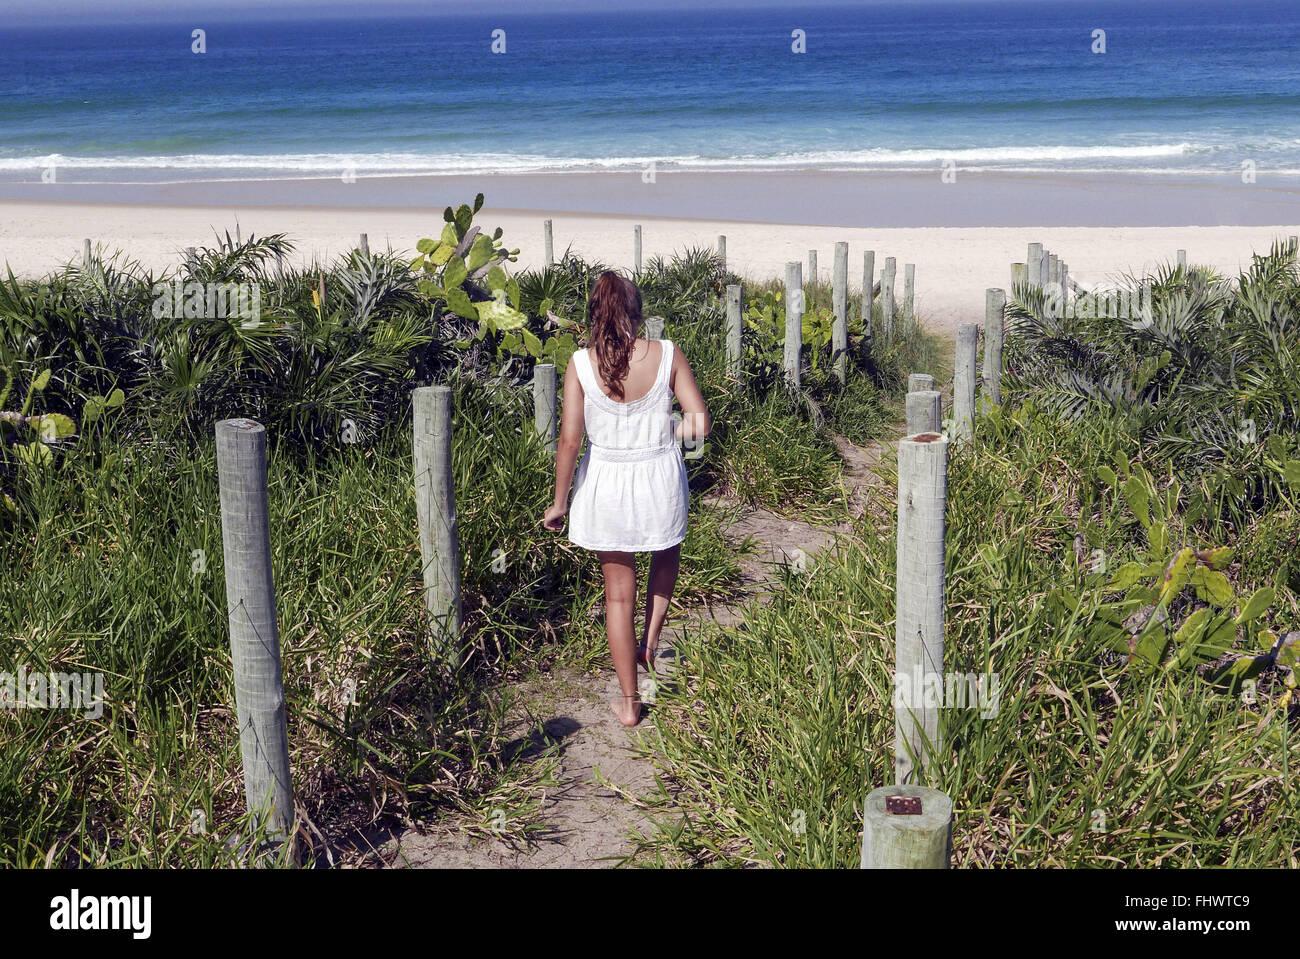 Adolescente caminha pela trilha meio un vegetação de restinga na Praia da Barra da Tijuca - Reserva Imagen De Stock